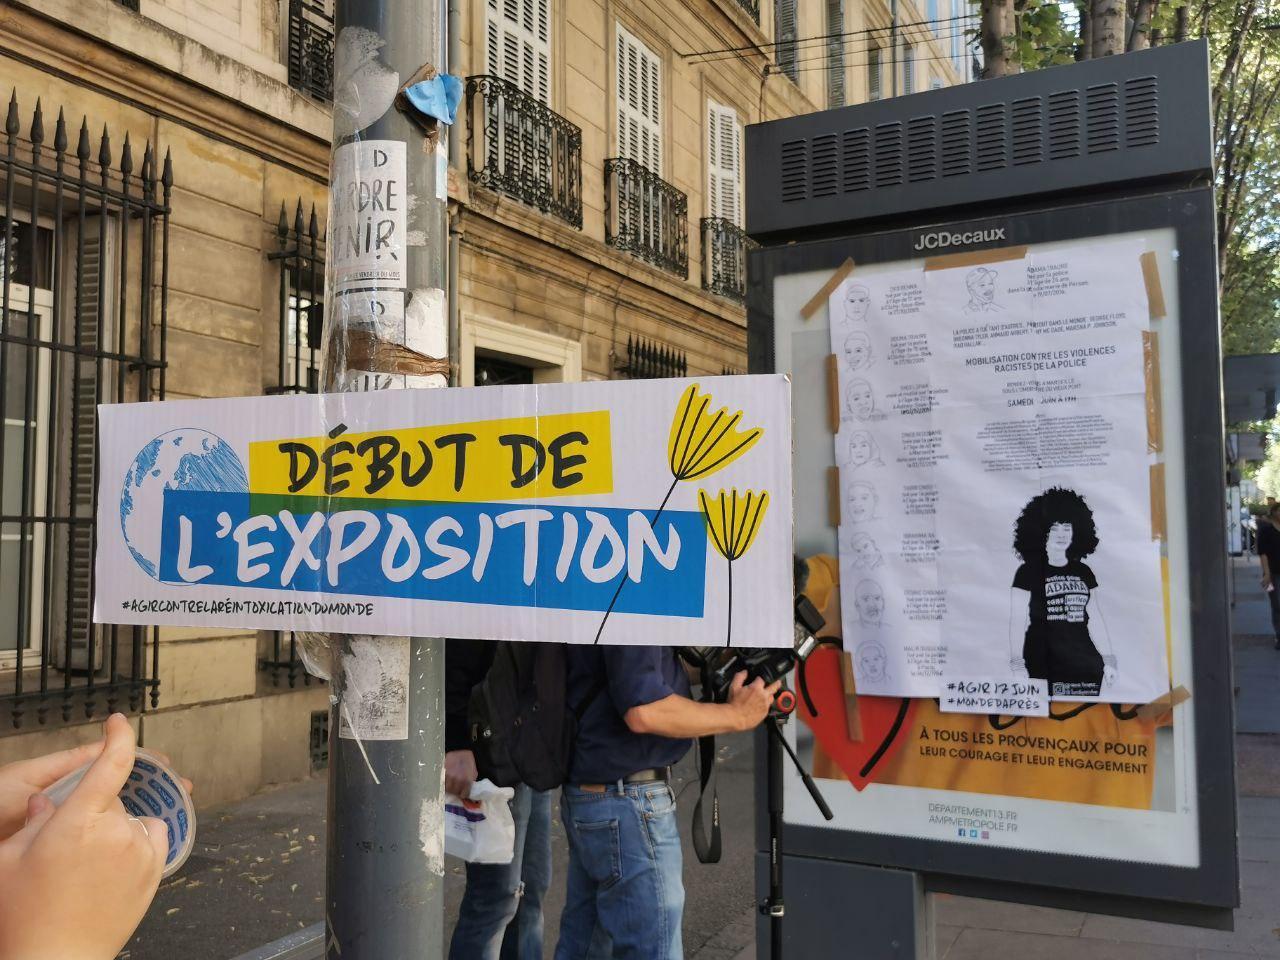 Remplacement des publicités de la ville à Marseille par une exposition d'art